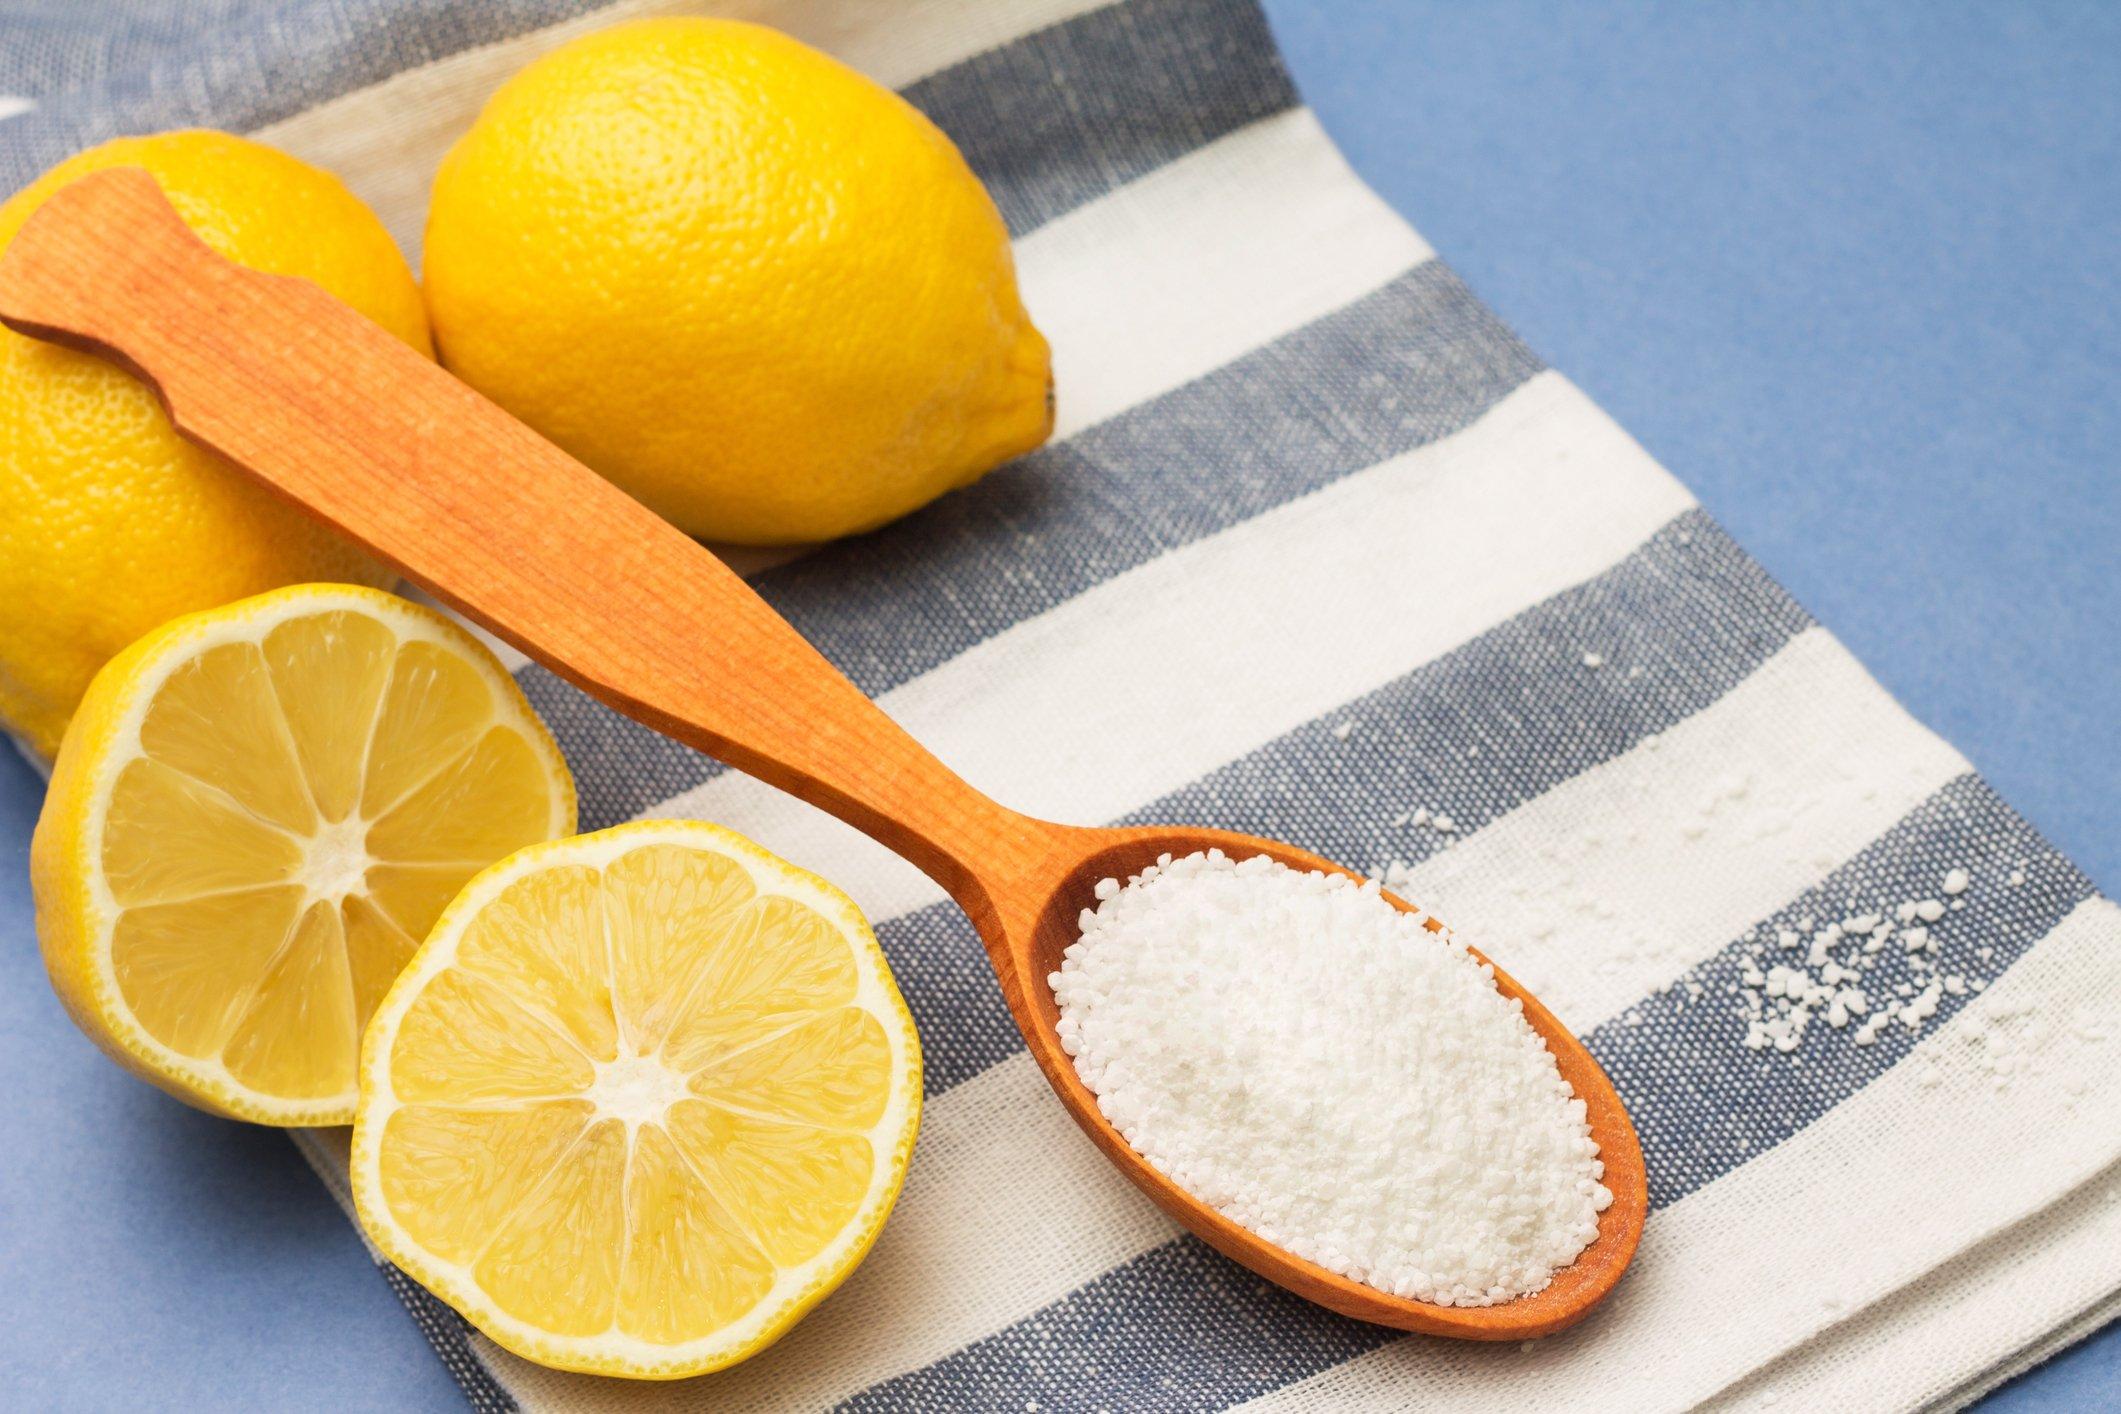 فروش آنلاین جوهر لیمو خوراکی مورد استفاده در کارخانجات